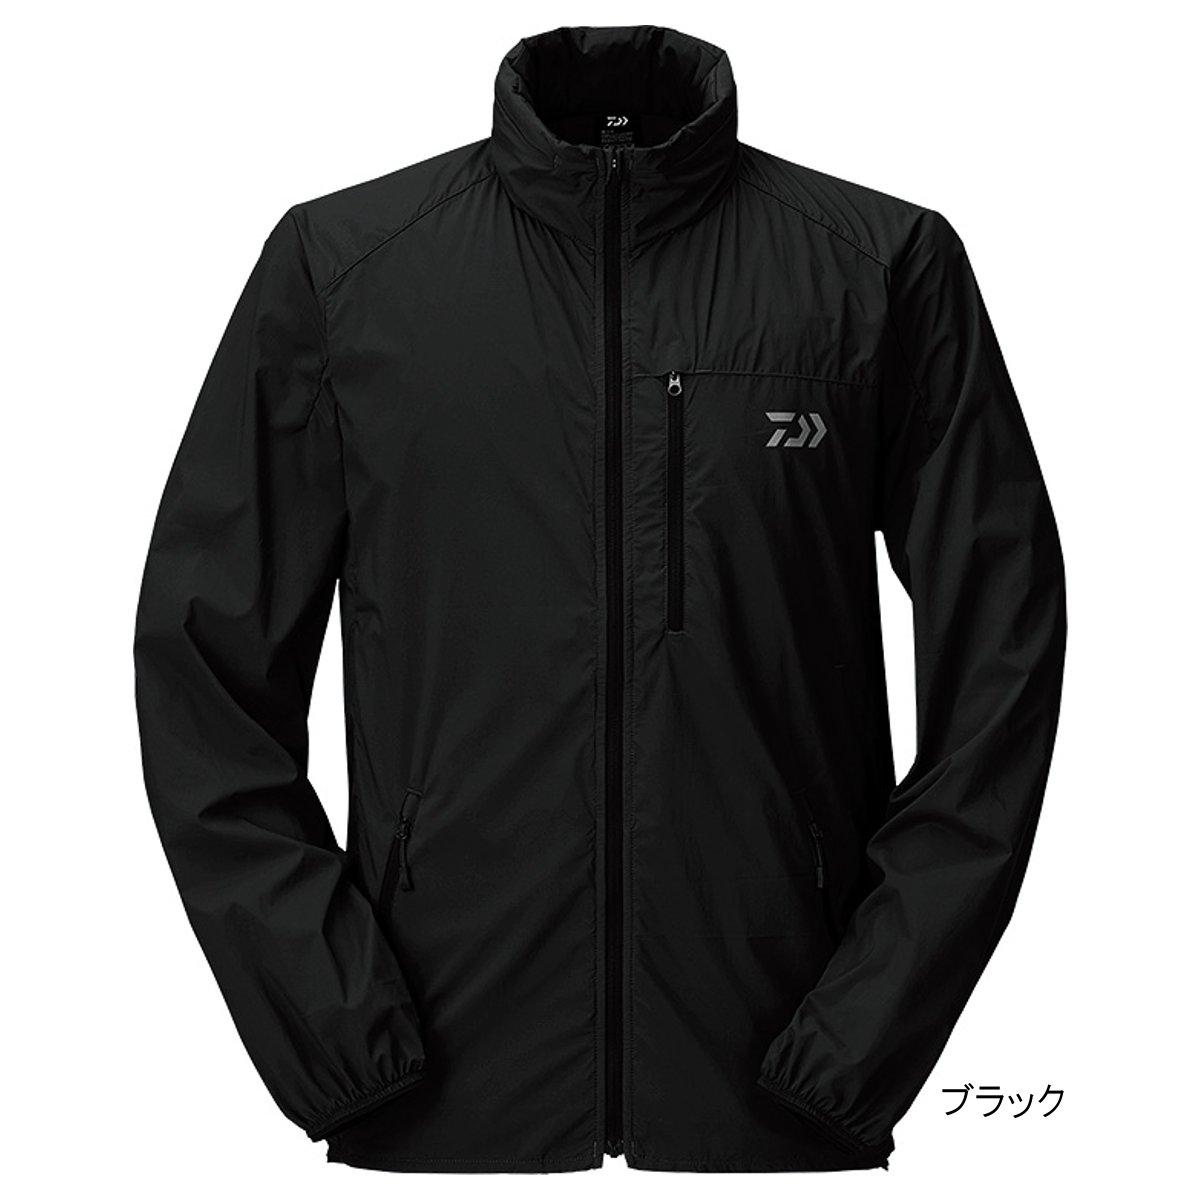 ダイワ ポケッタブルウィンドジャケット DJ-33009 2XL ブラック